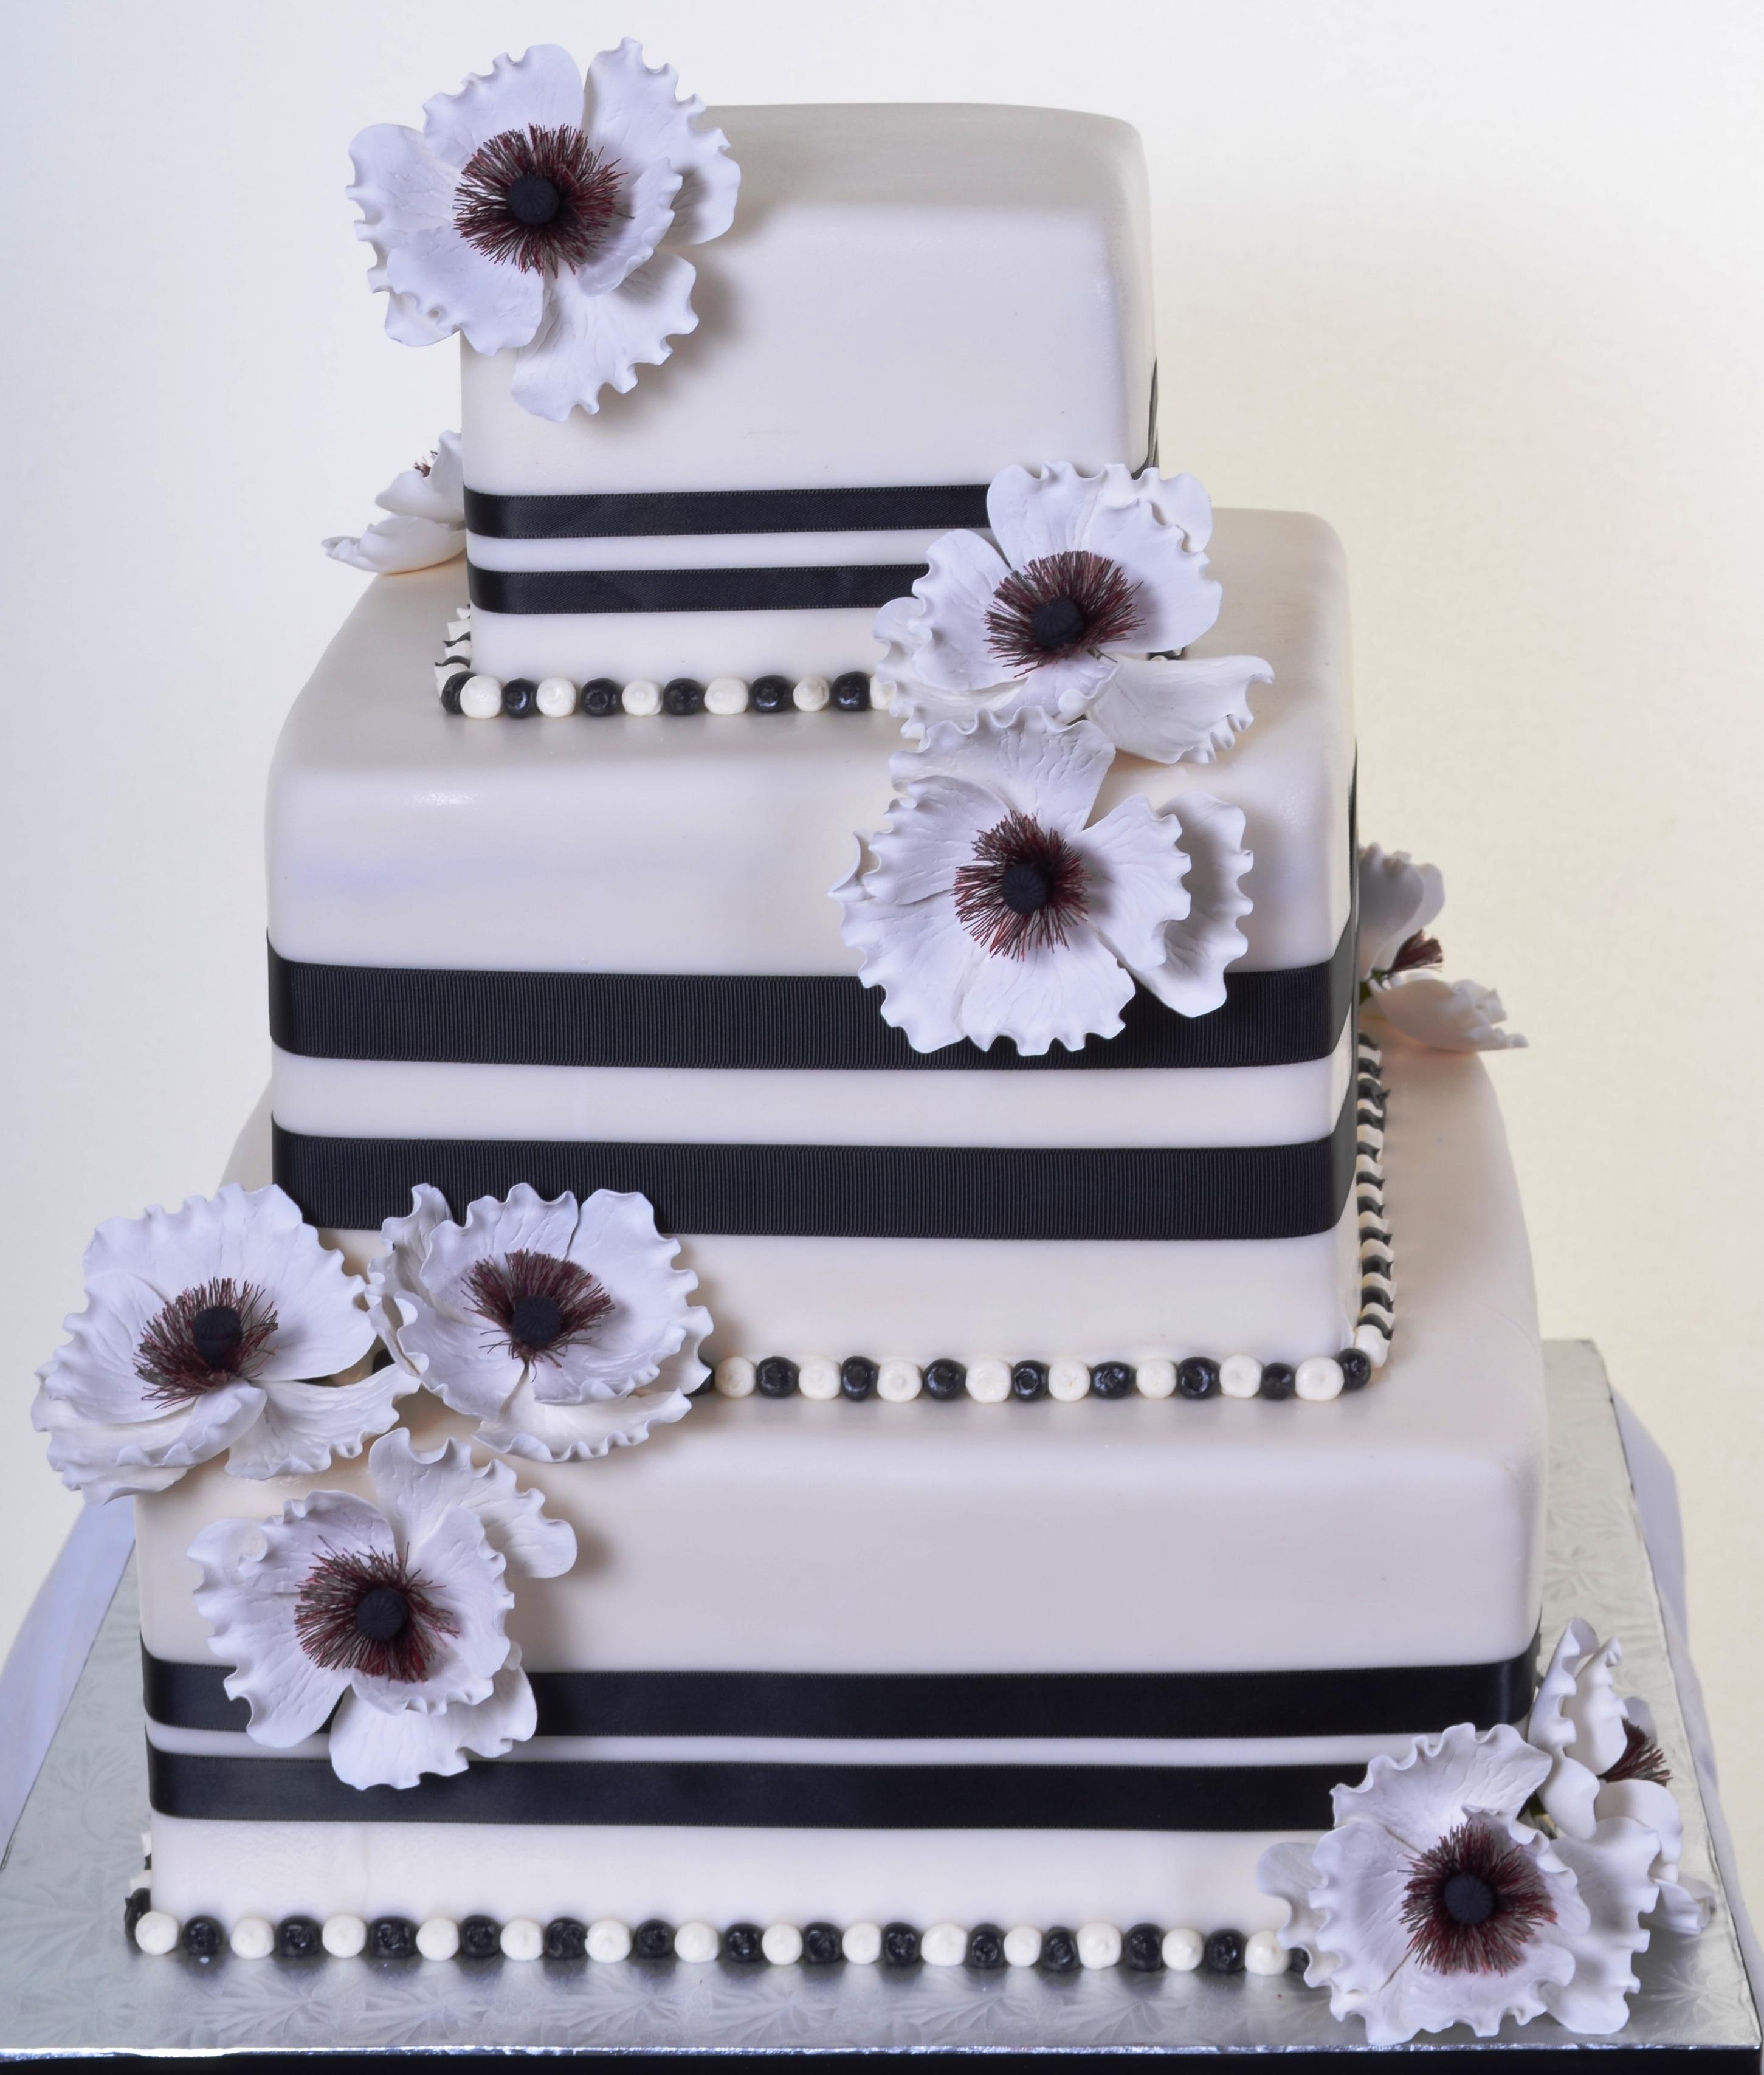 V squared wedding cakes